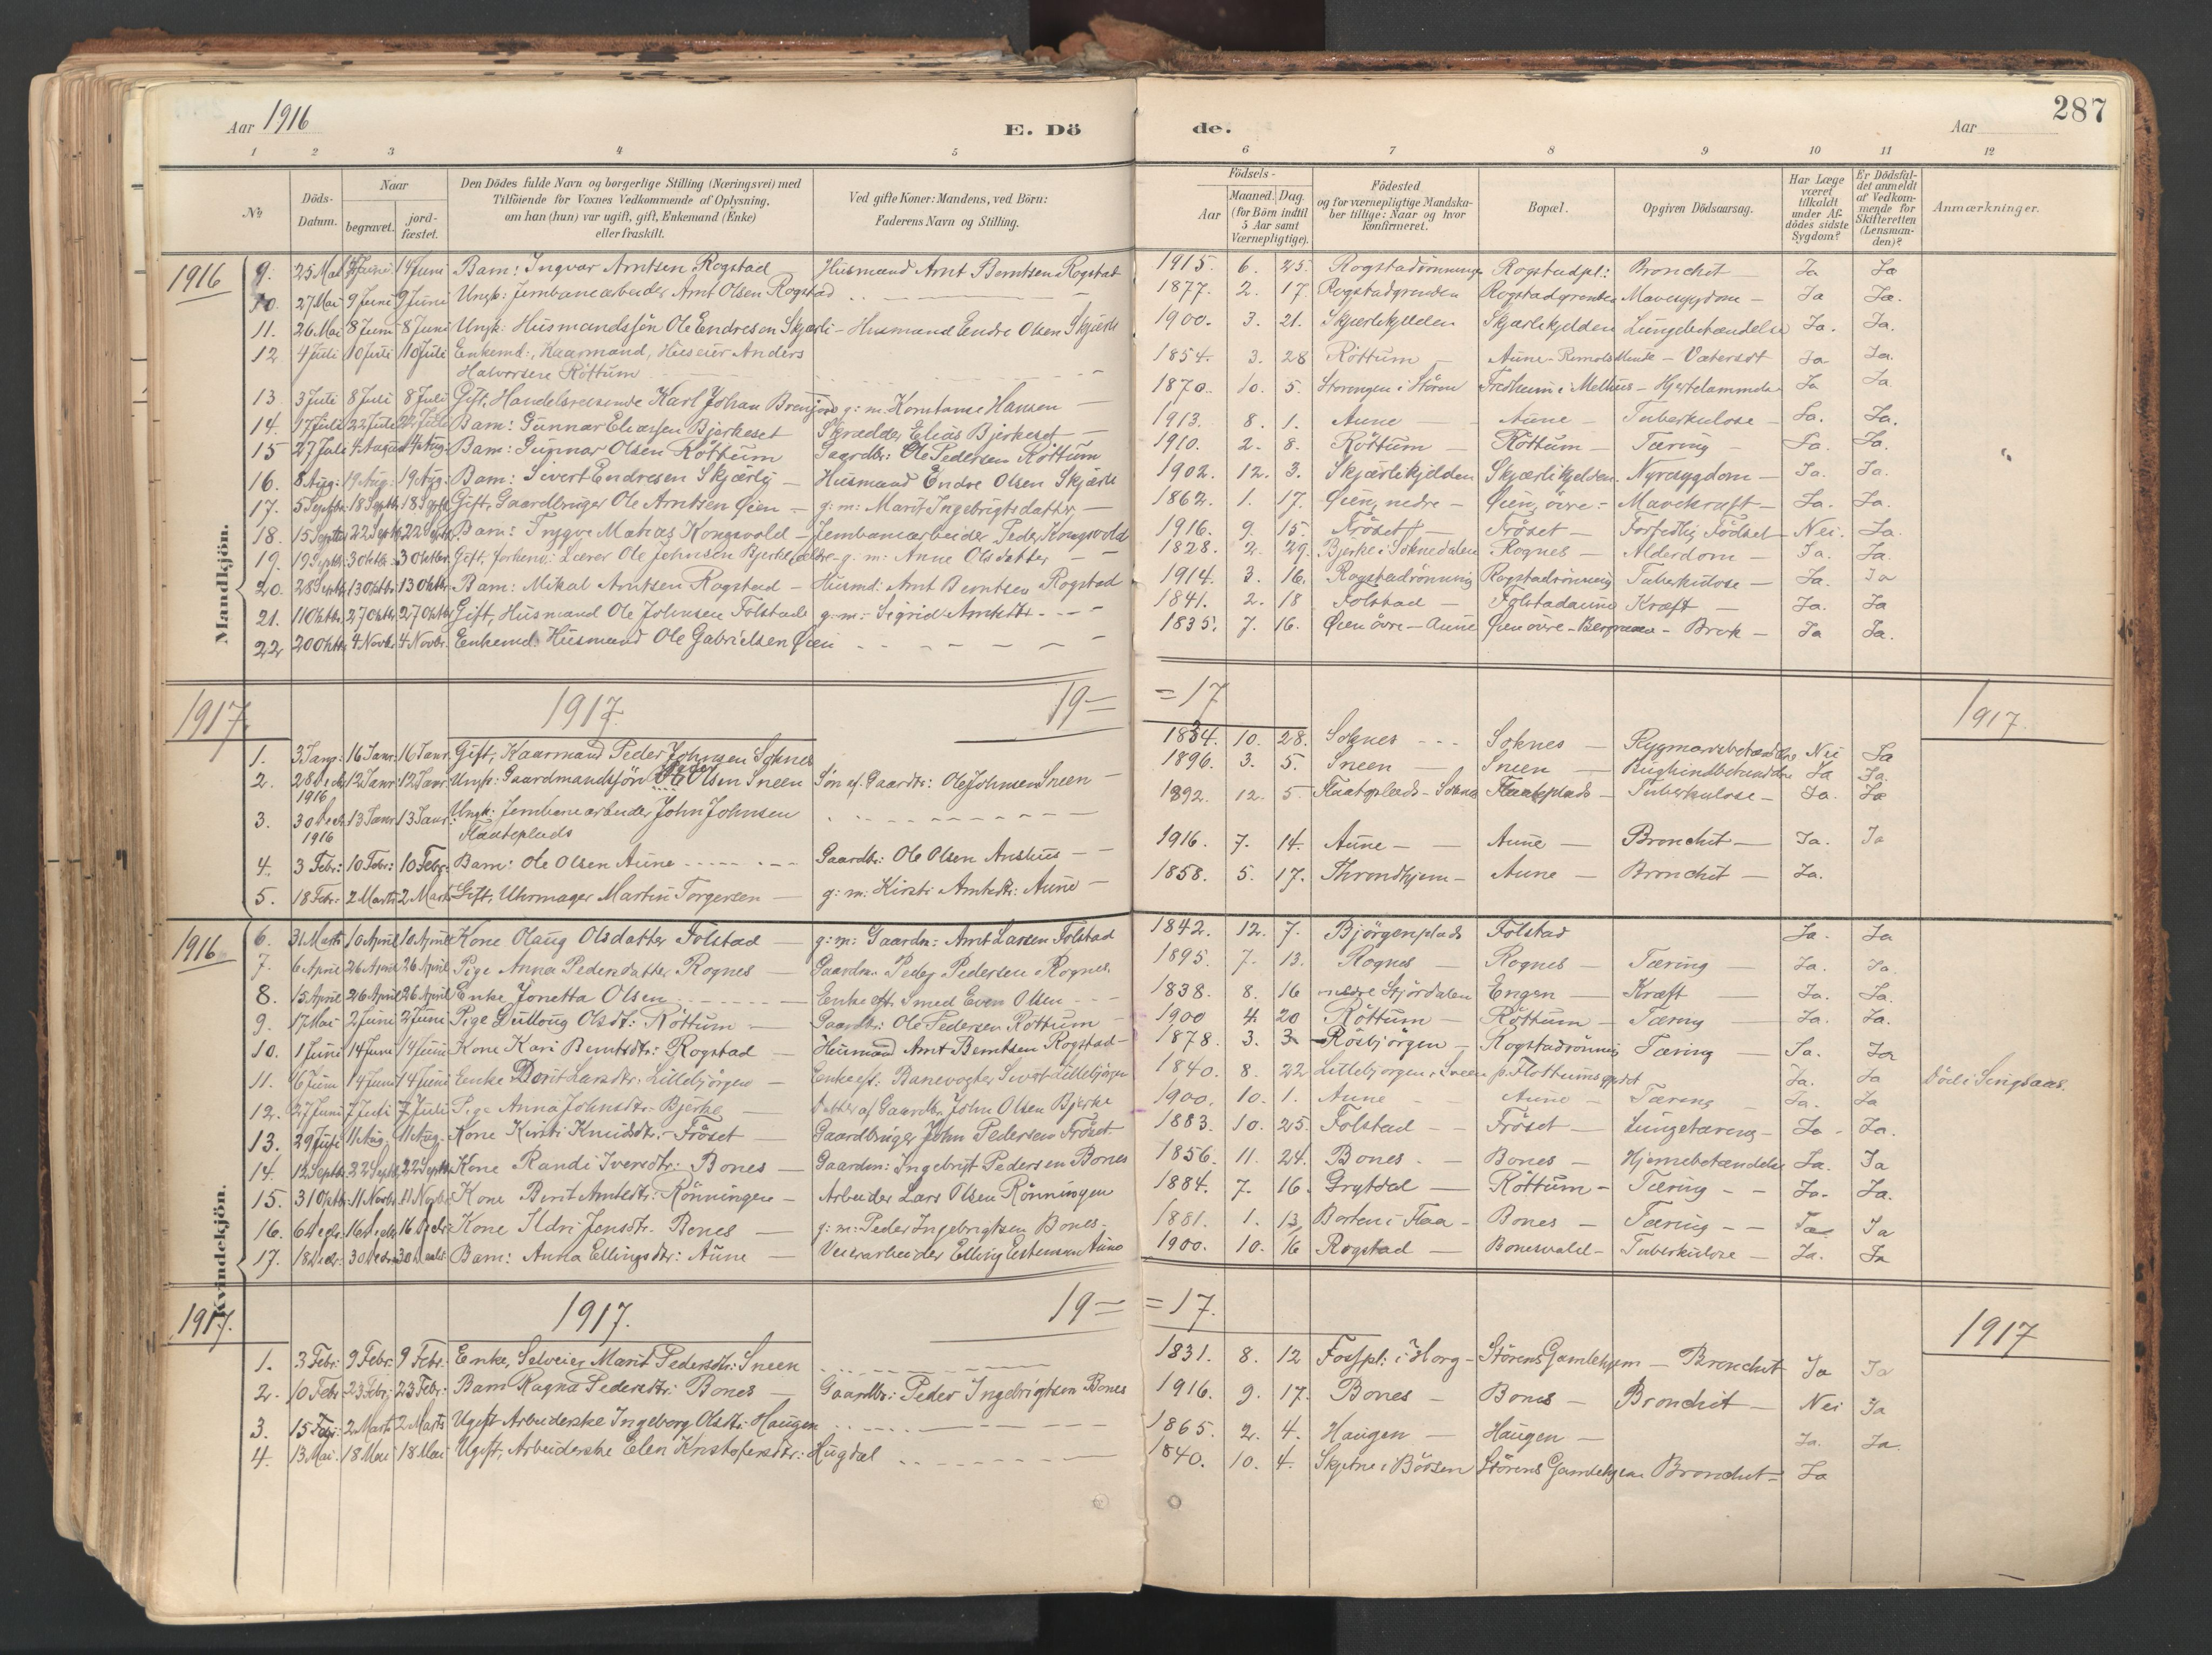 SAT, Ministerialprotokoller, klokkerbøker og fødselsregistre - Sør-Trøndelag, 687/L1004: Ministerialbok nr. 687A10, 1891-1923, s. 287